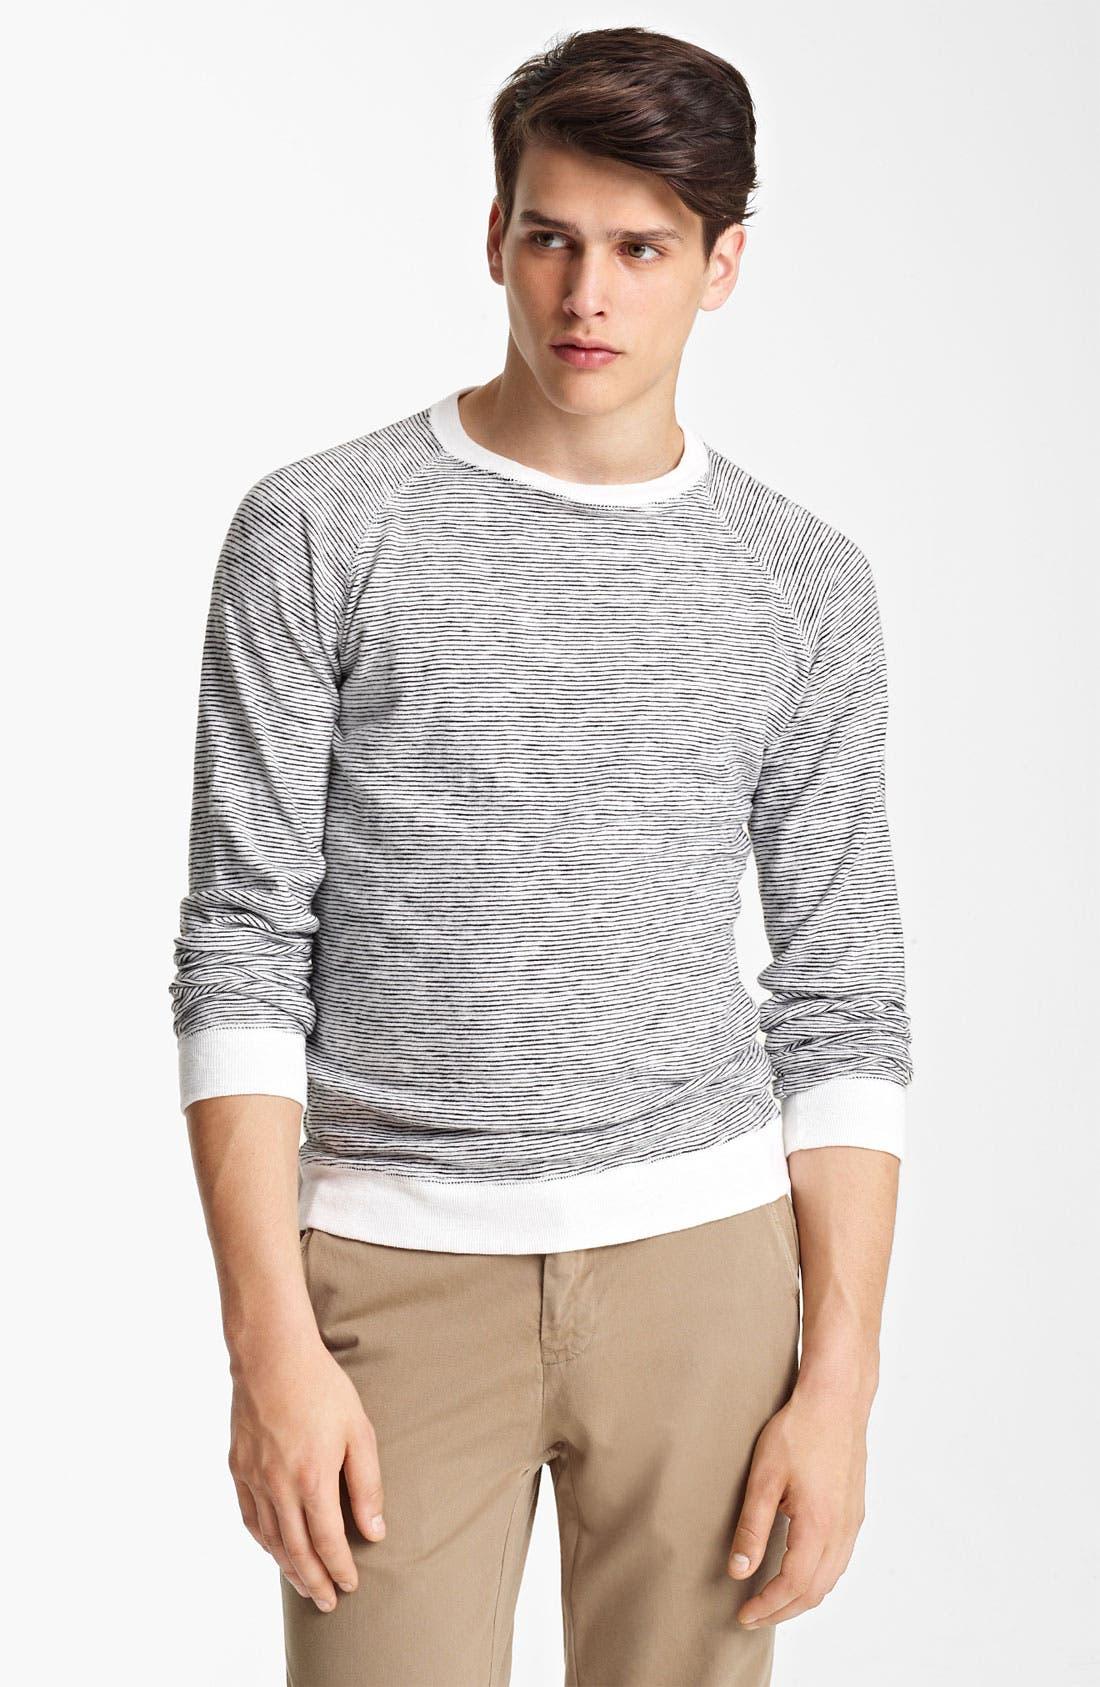 Alternate Image 1 Selected - Billy Reid Stripe Crewneck Sweatshirt